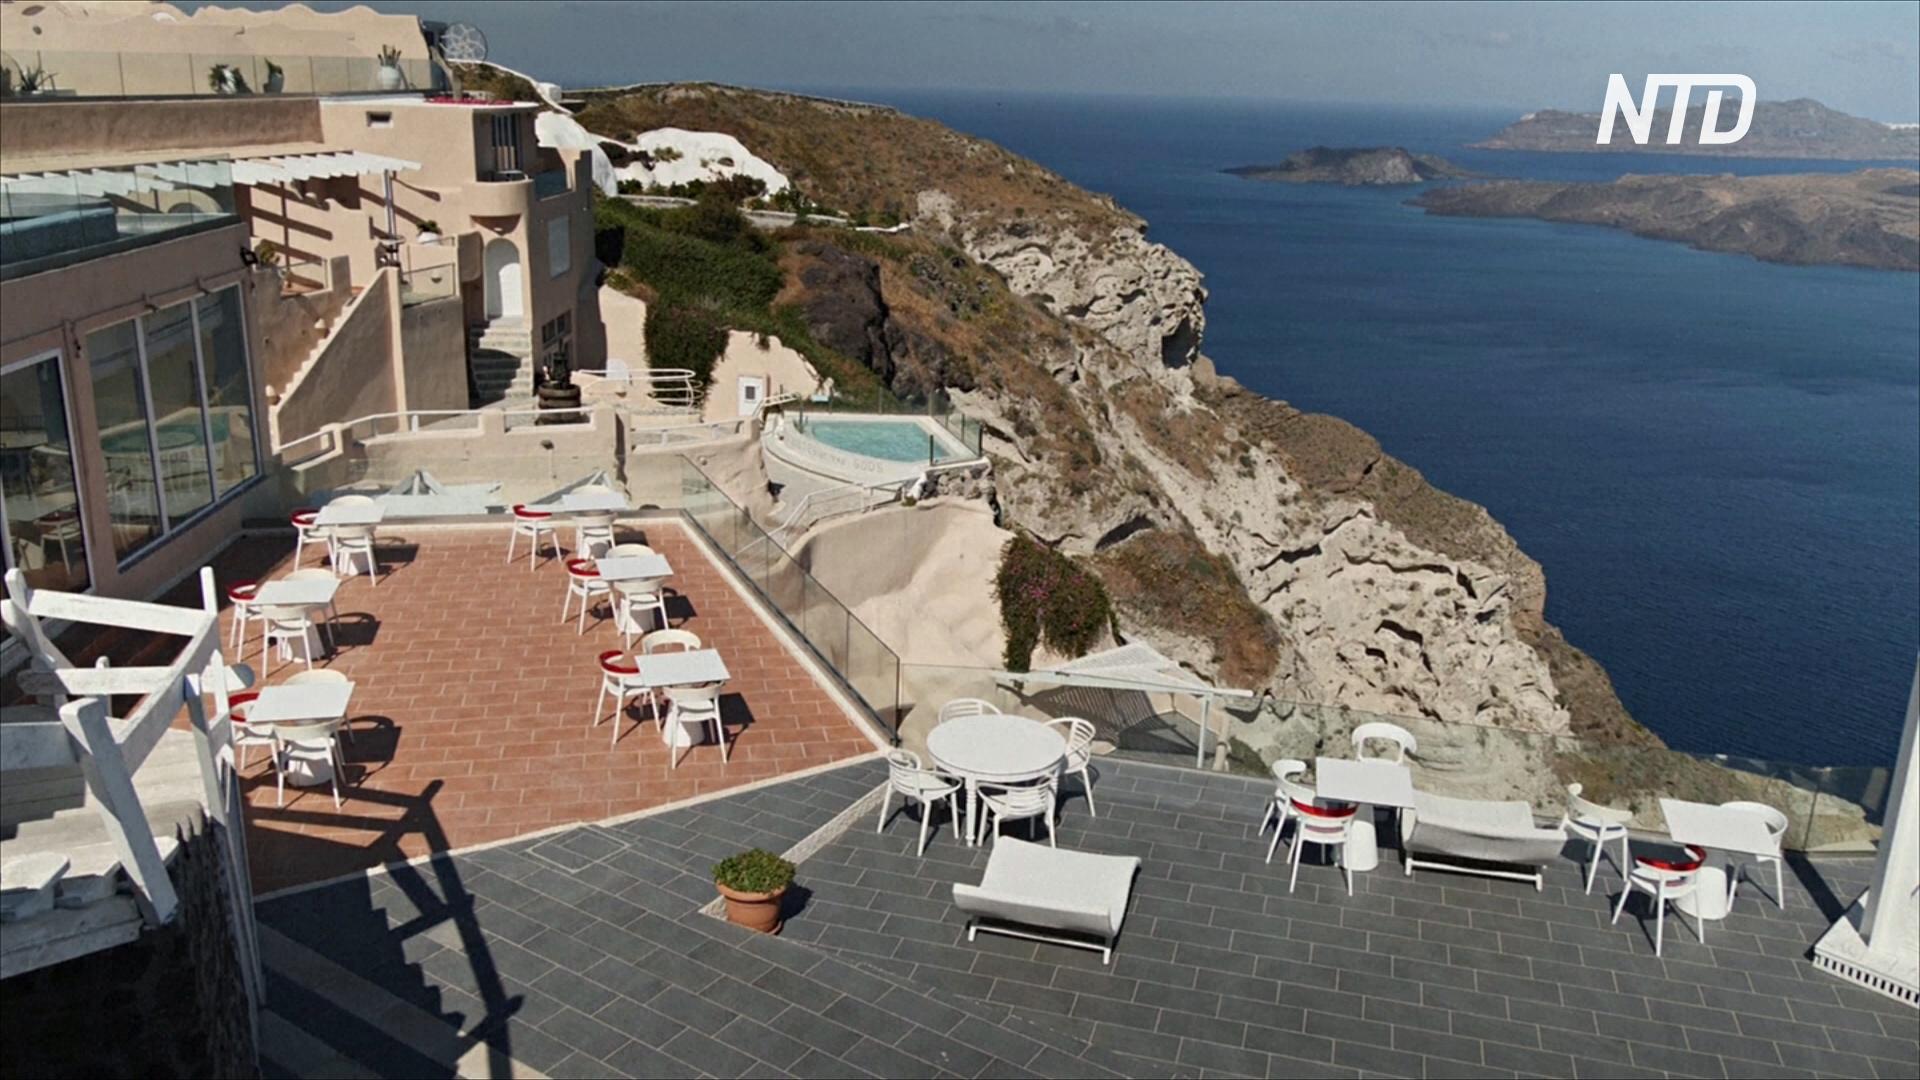 С 15 июня Греция открывает отели и начинает принимать туристов